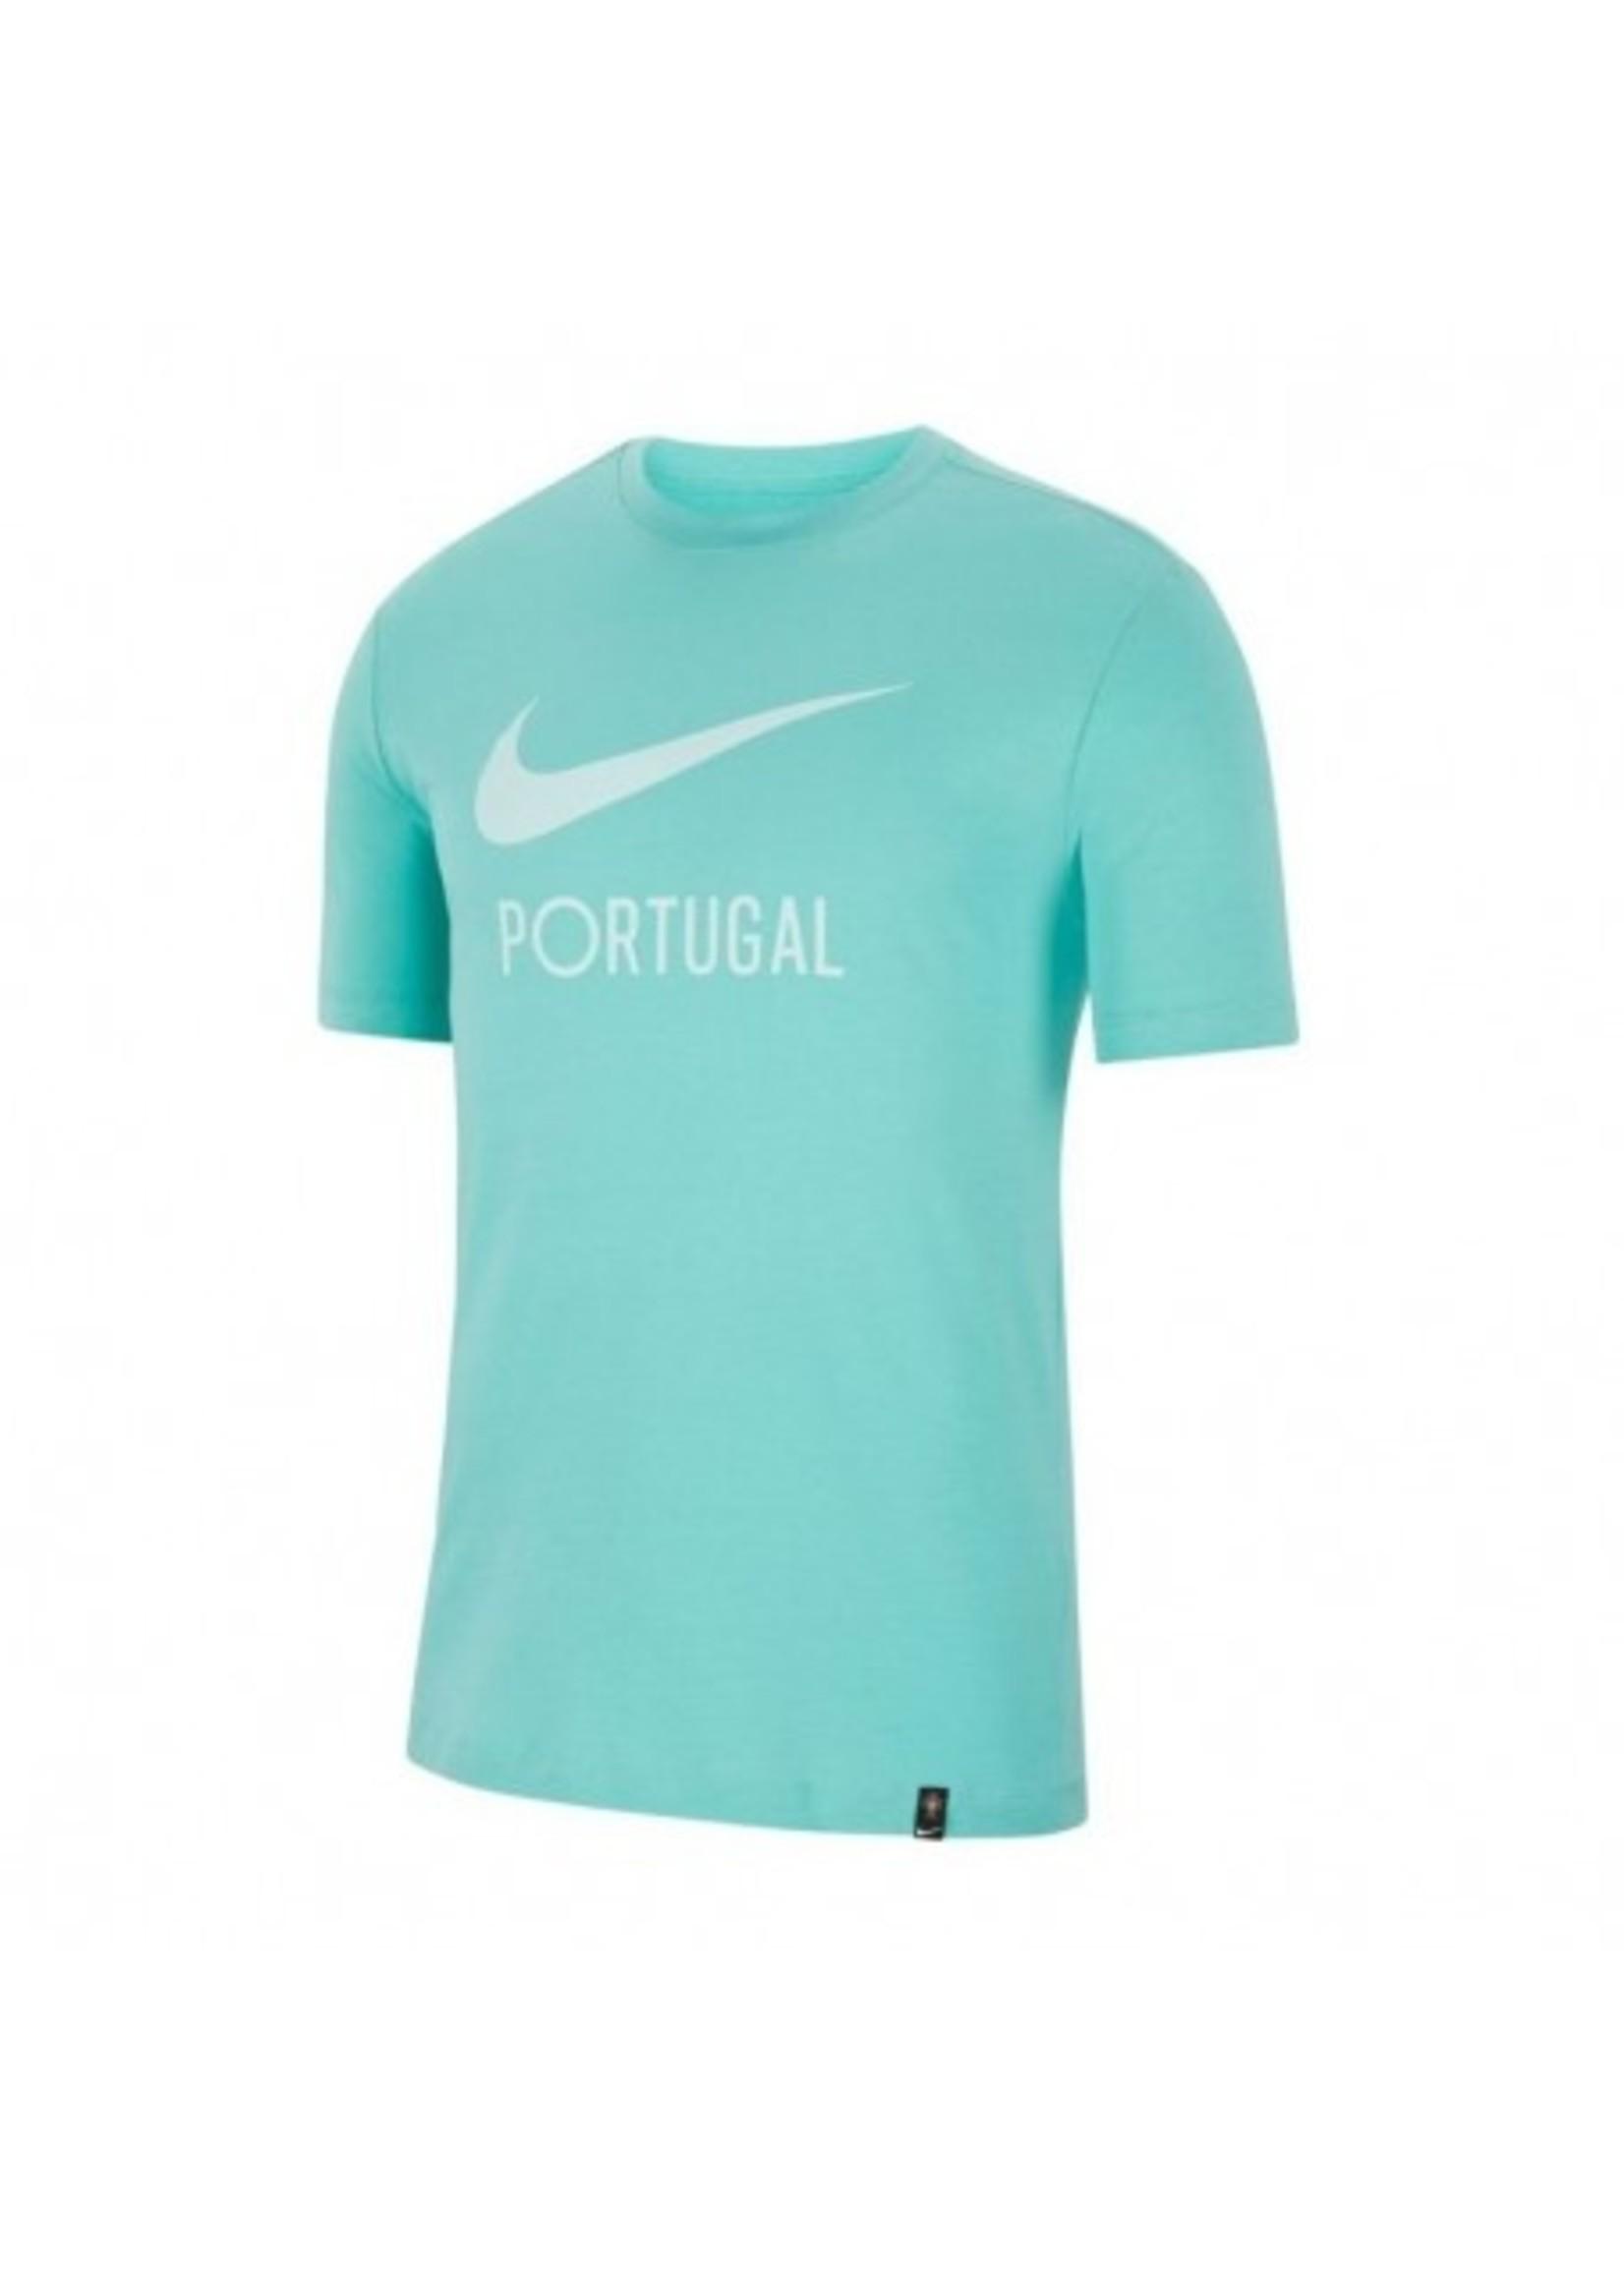 Nike PORTUGAL T SHIRT